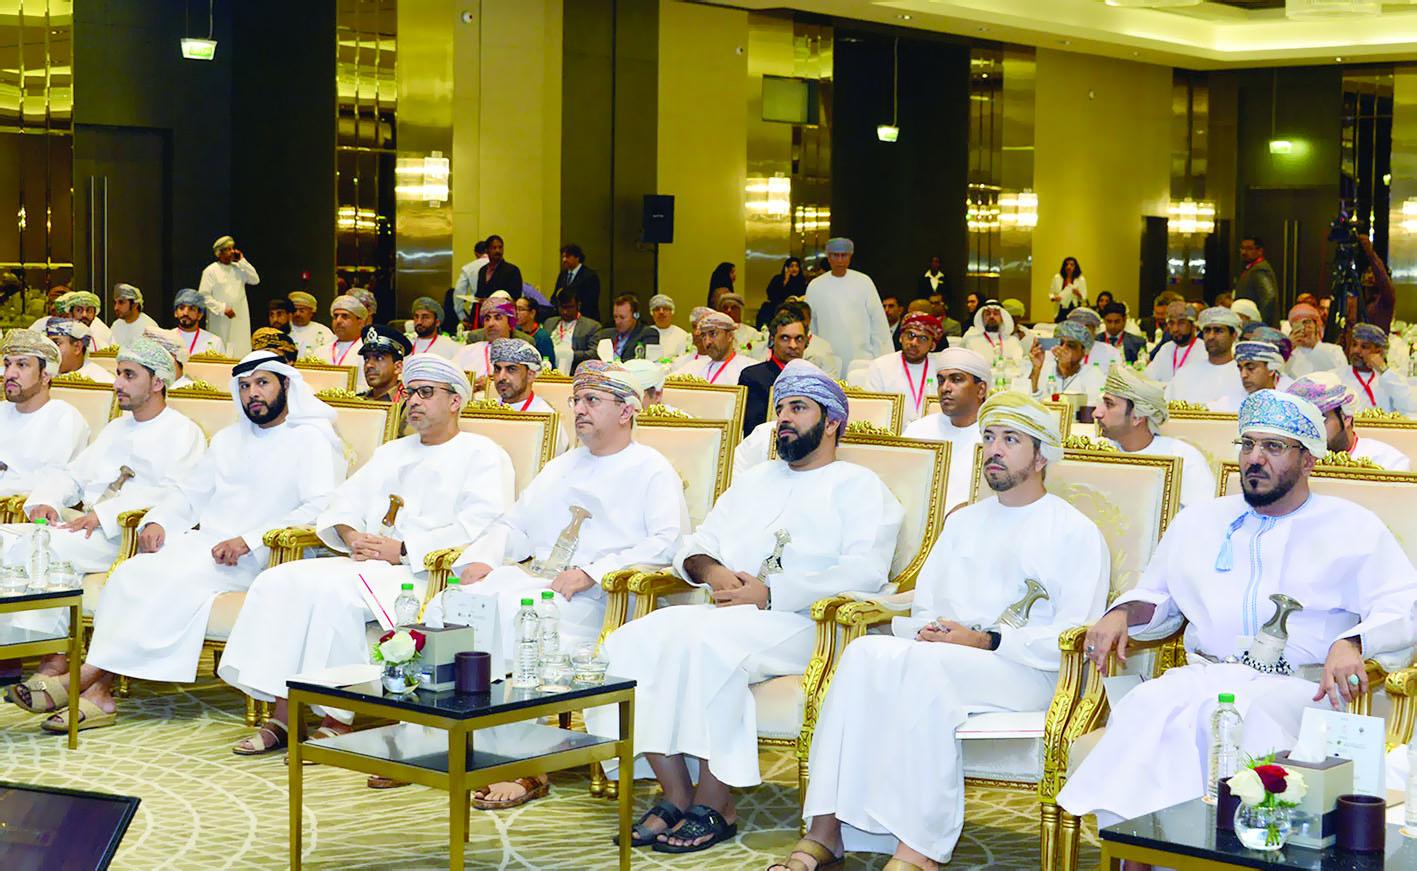 «الأرجان تاول» راعٍ بلاتيني لمؤتمر عمان العقاري في دورته الثالثة